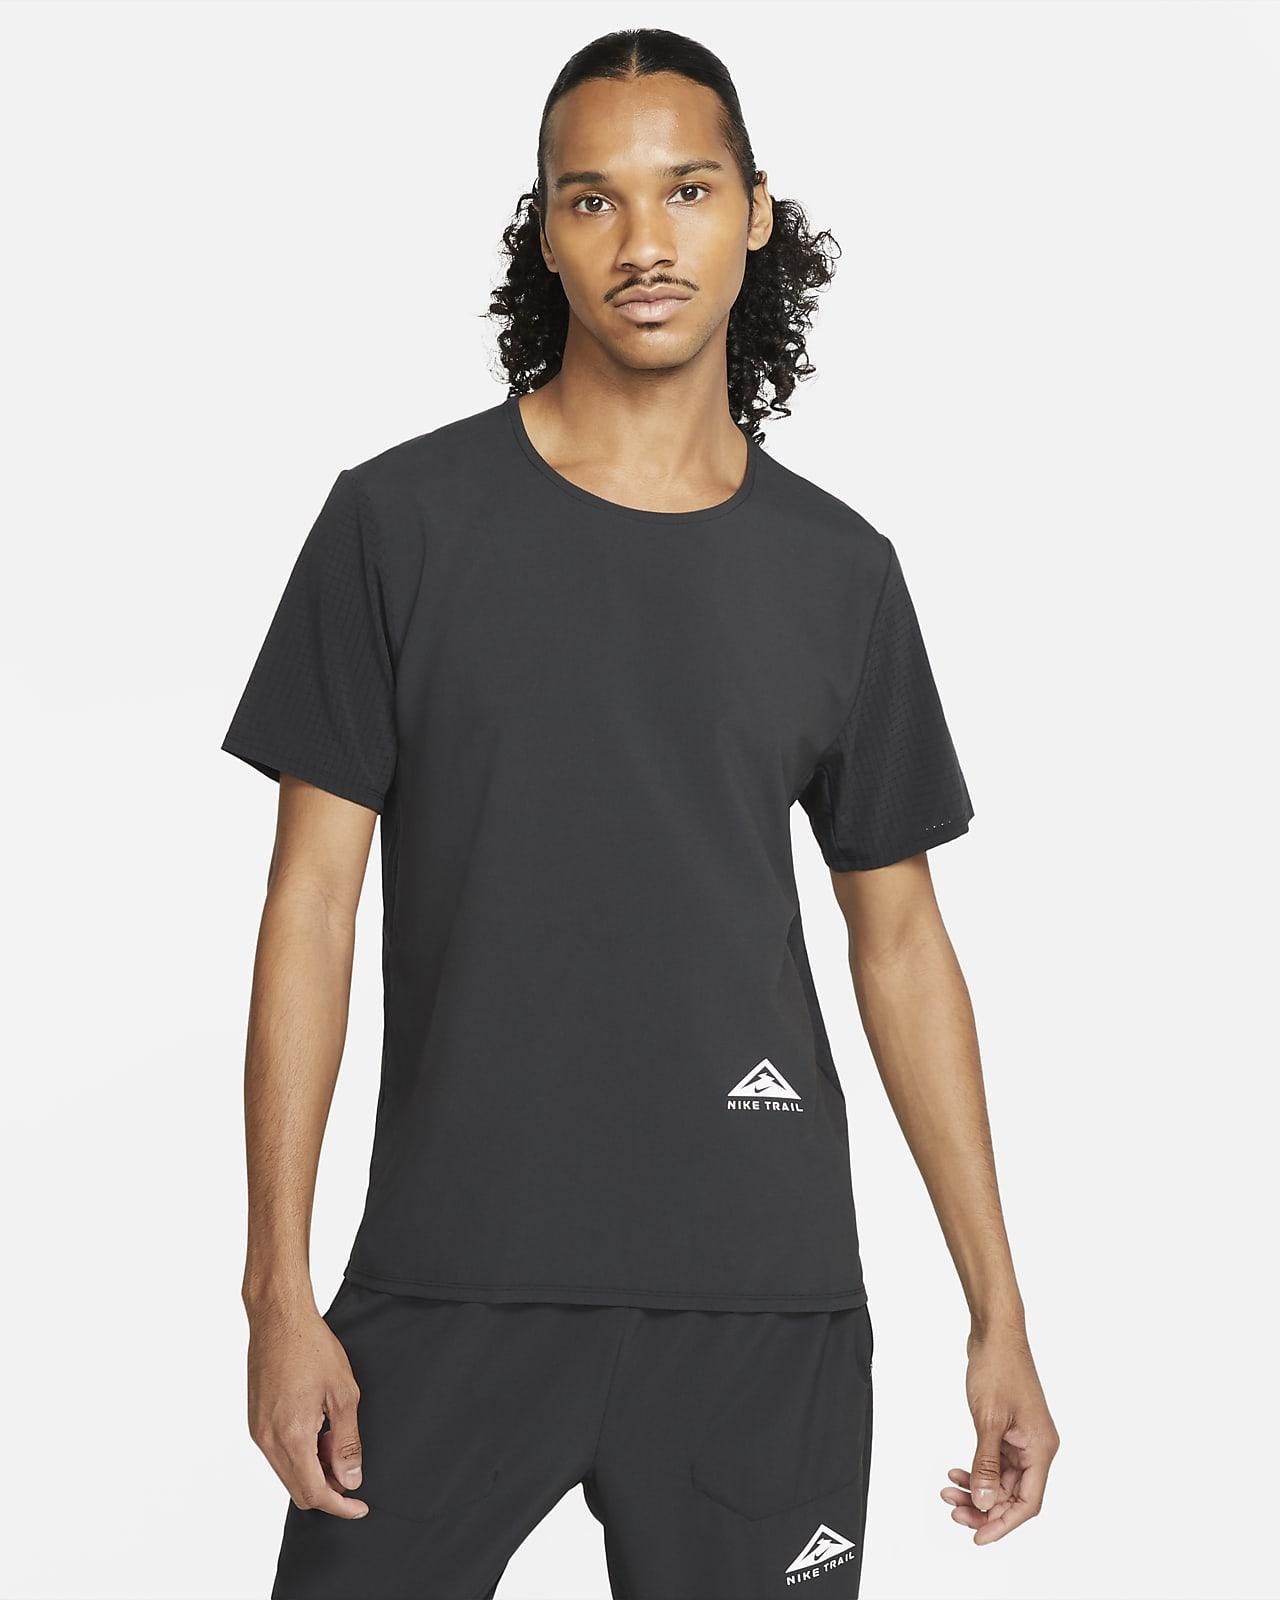 Κοντομάνικη μπλούζα για τρέξιμο σε ανώμαλο δρόμο Nike Dri-FIT Rise 365